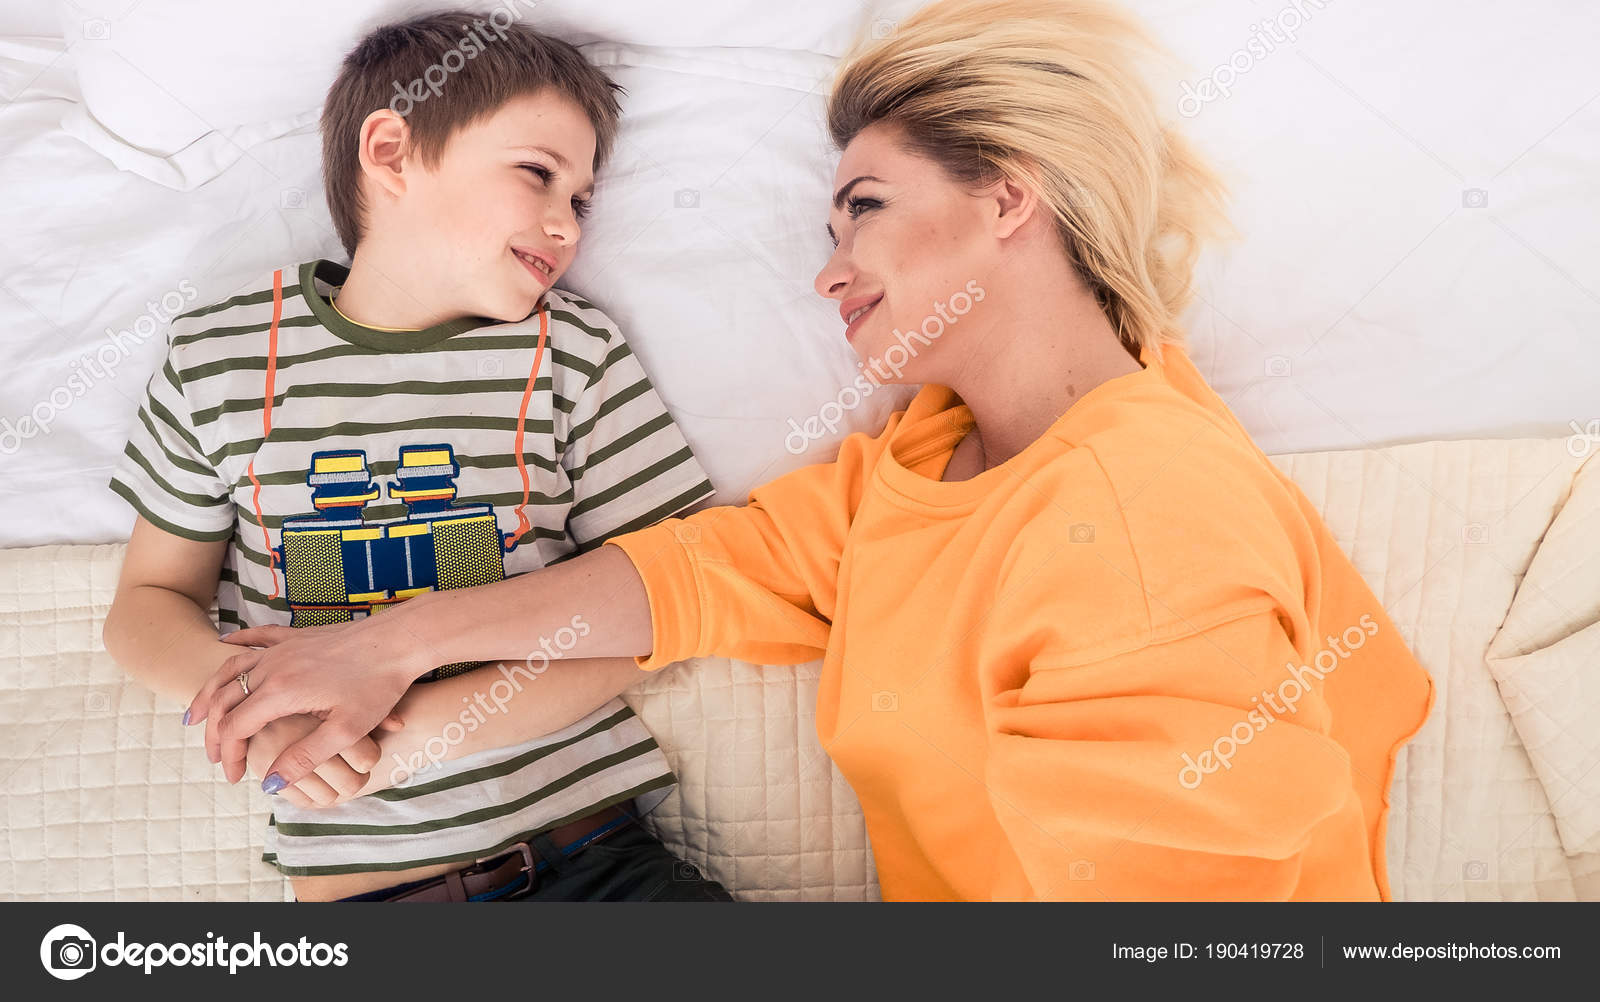 Сын трахает родную мать в жопу, Как сын трахает маму уникальное видео в качестве HD 18 фотография